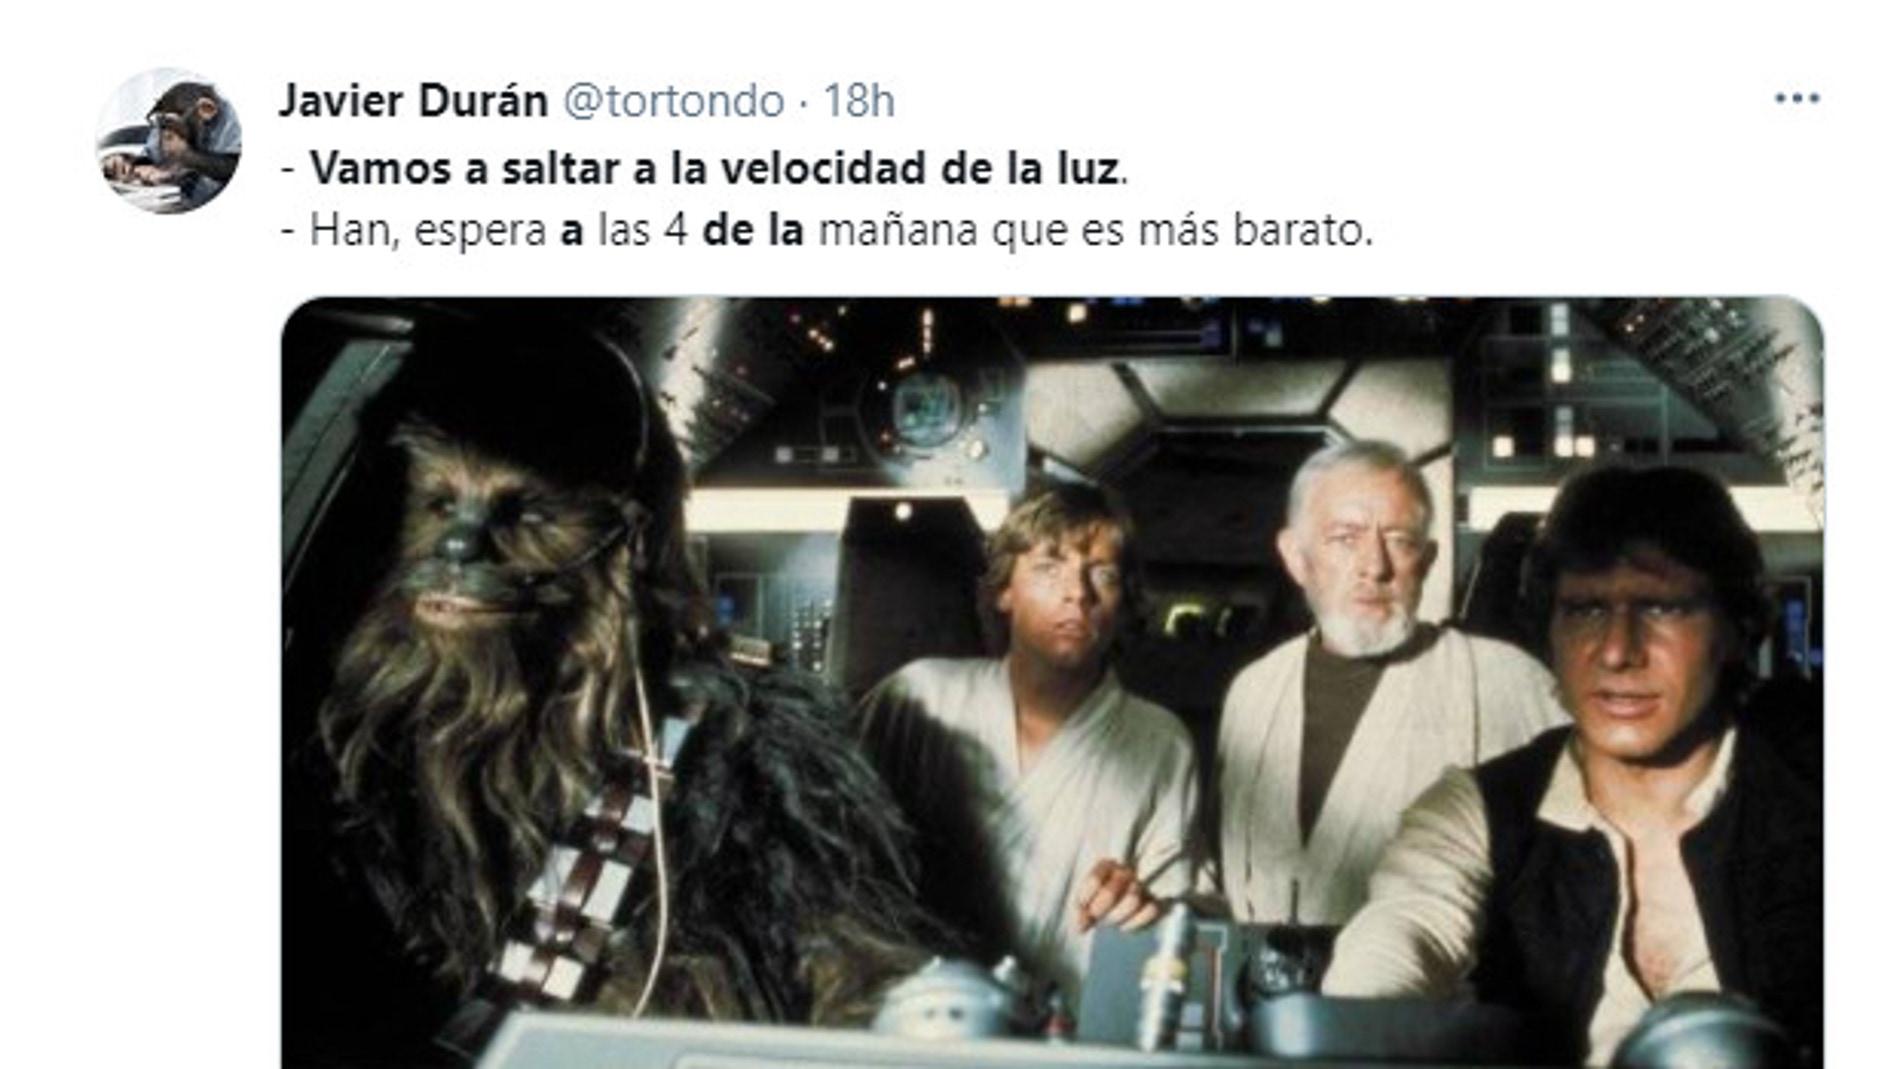 Tuit de @tortondo